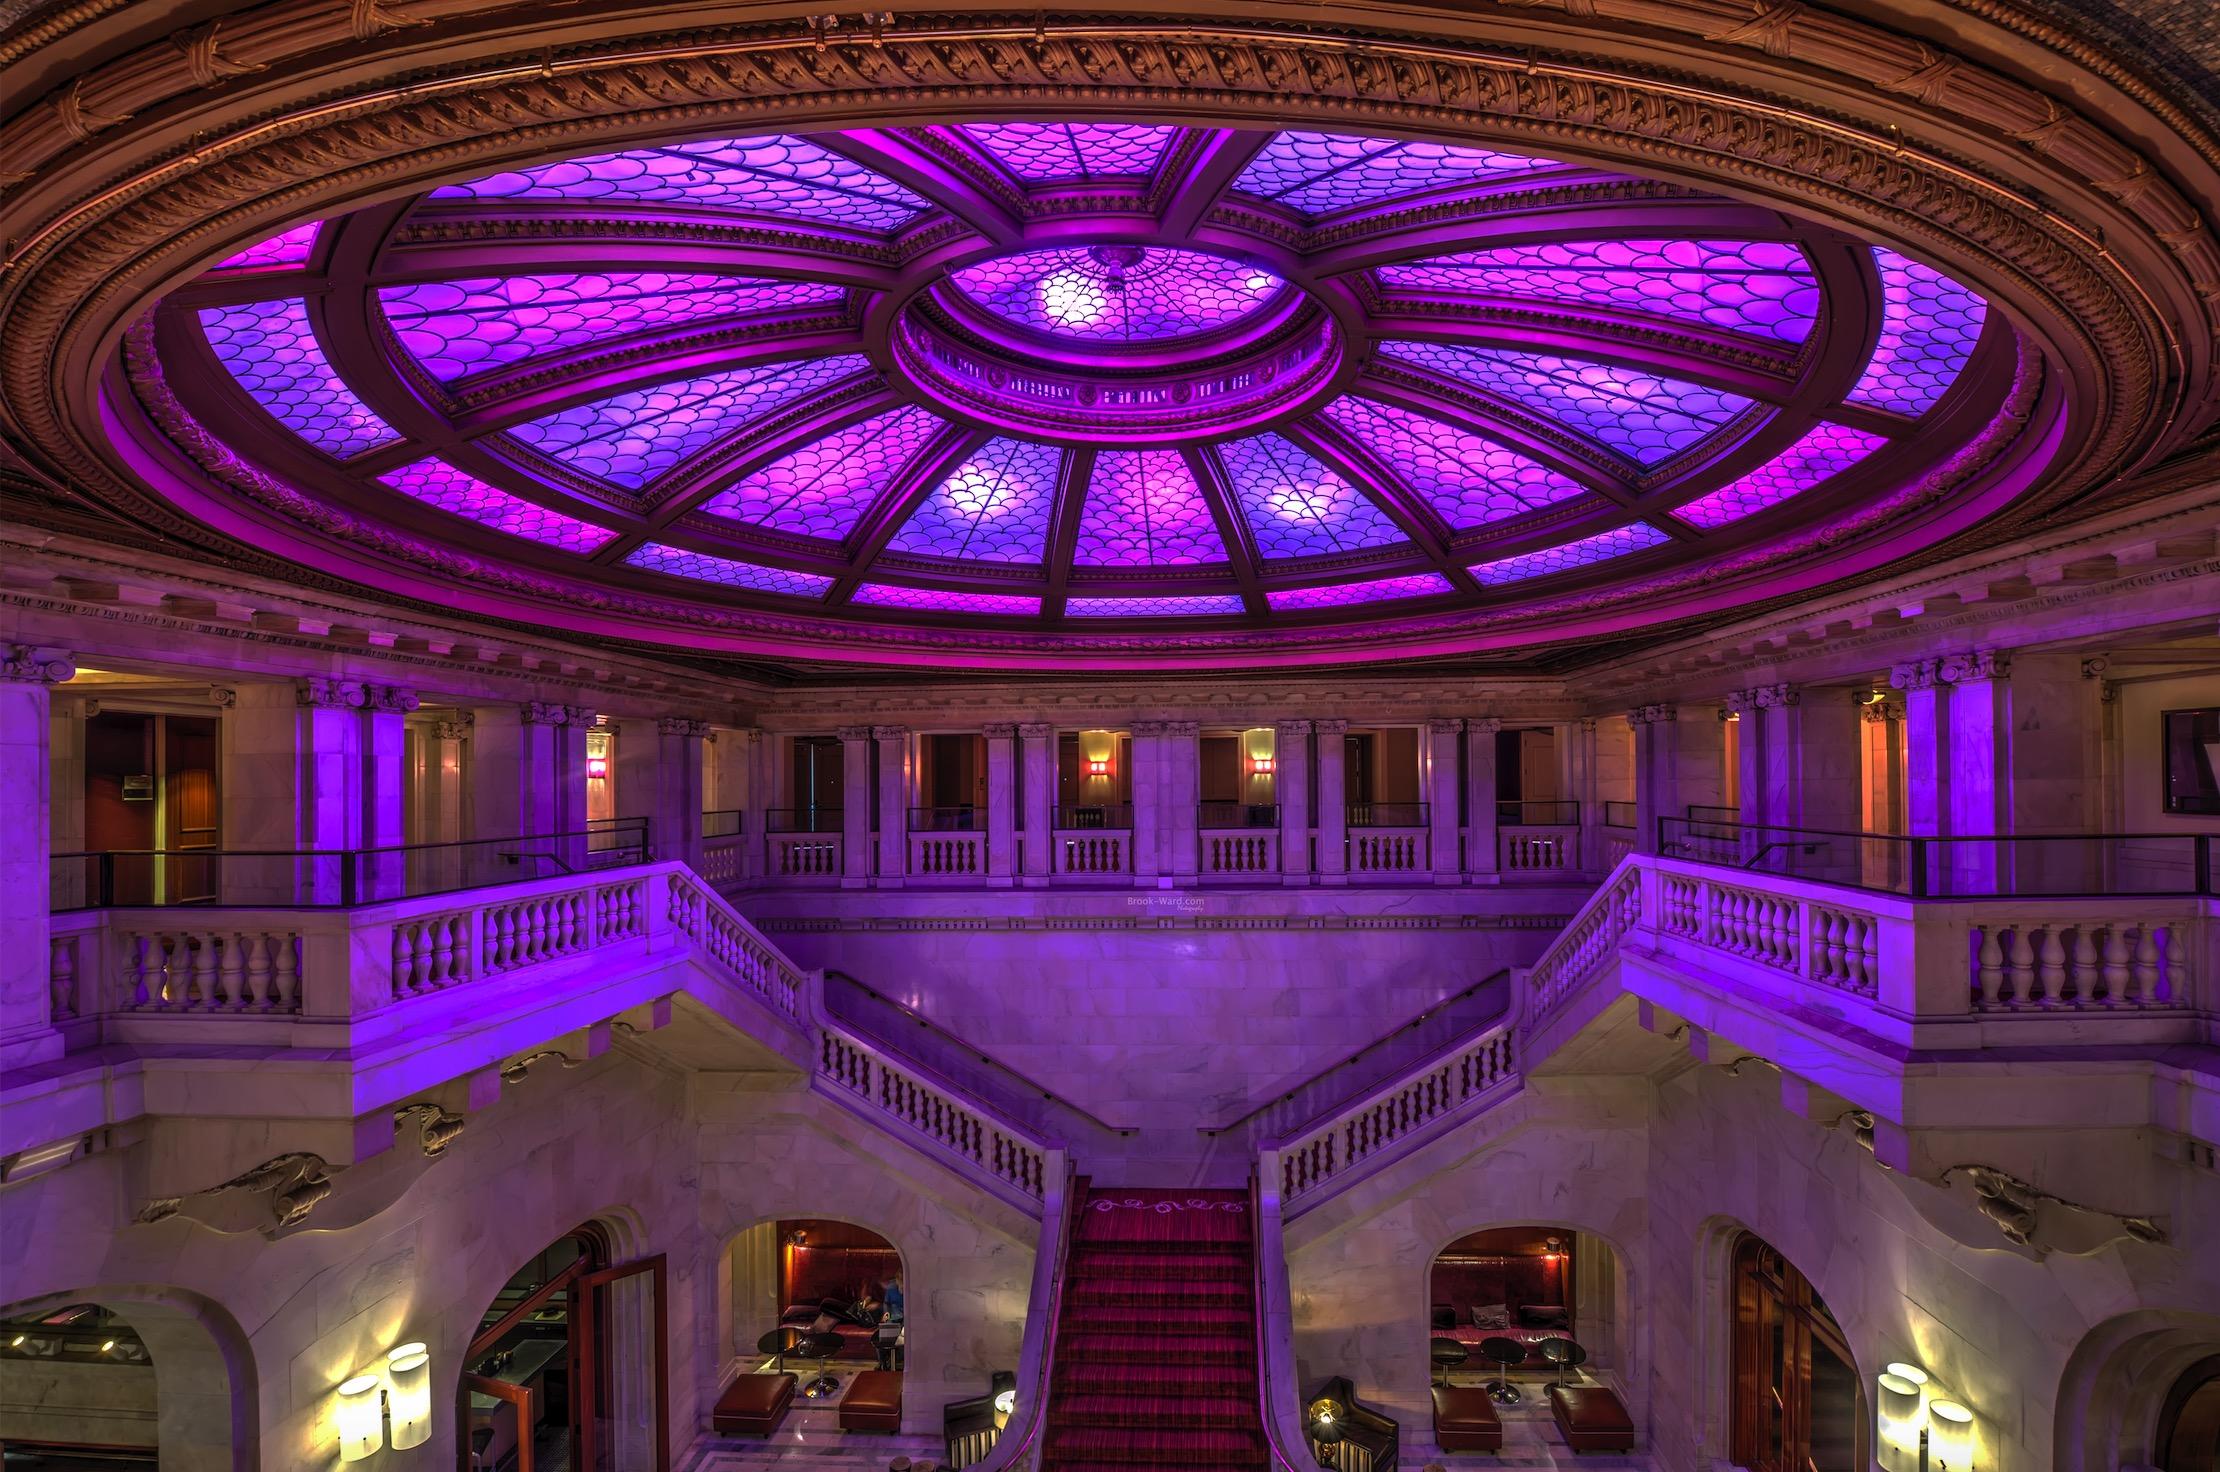 Renaissance Hotel Ceiling